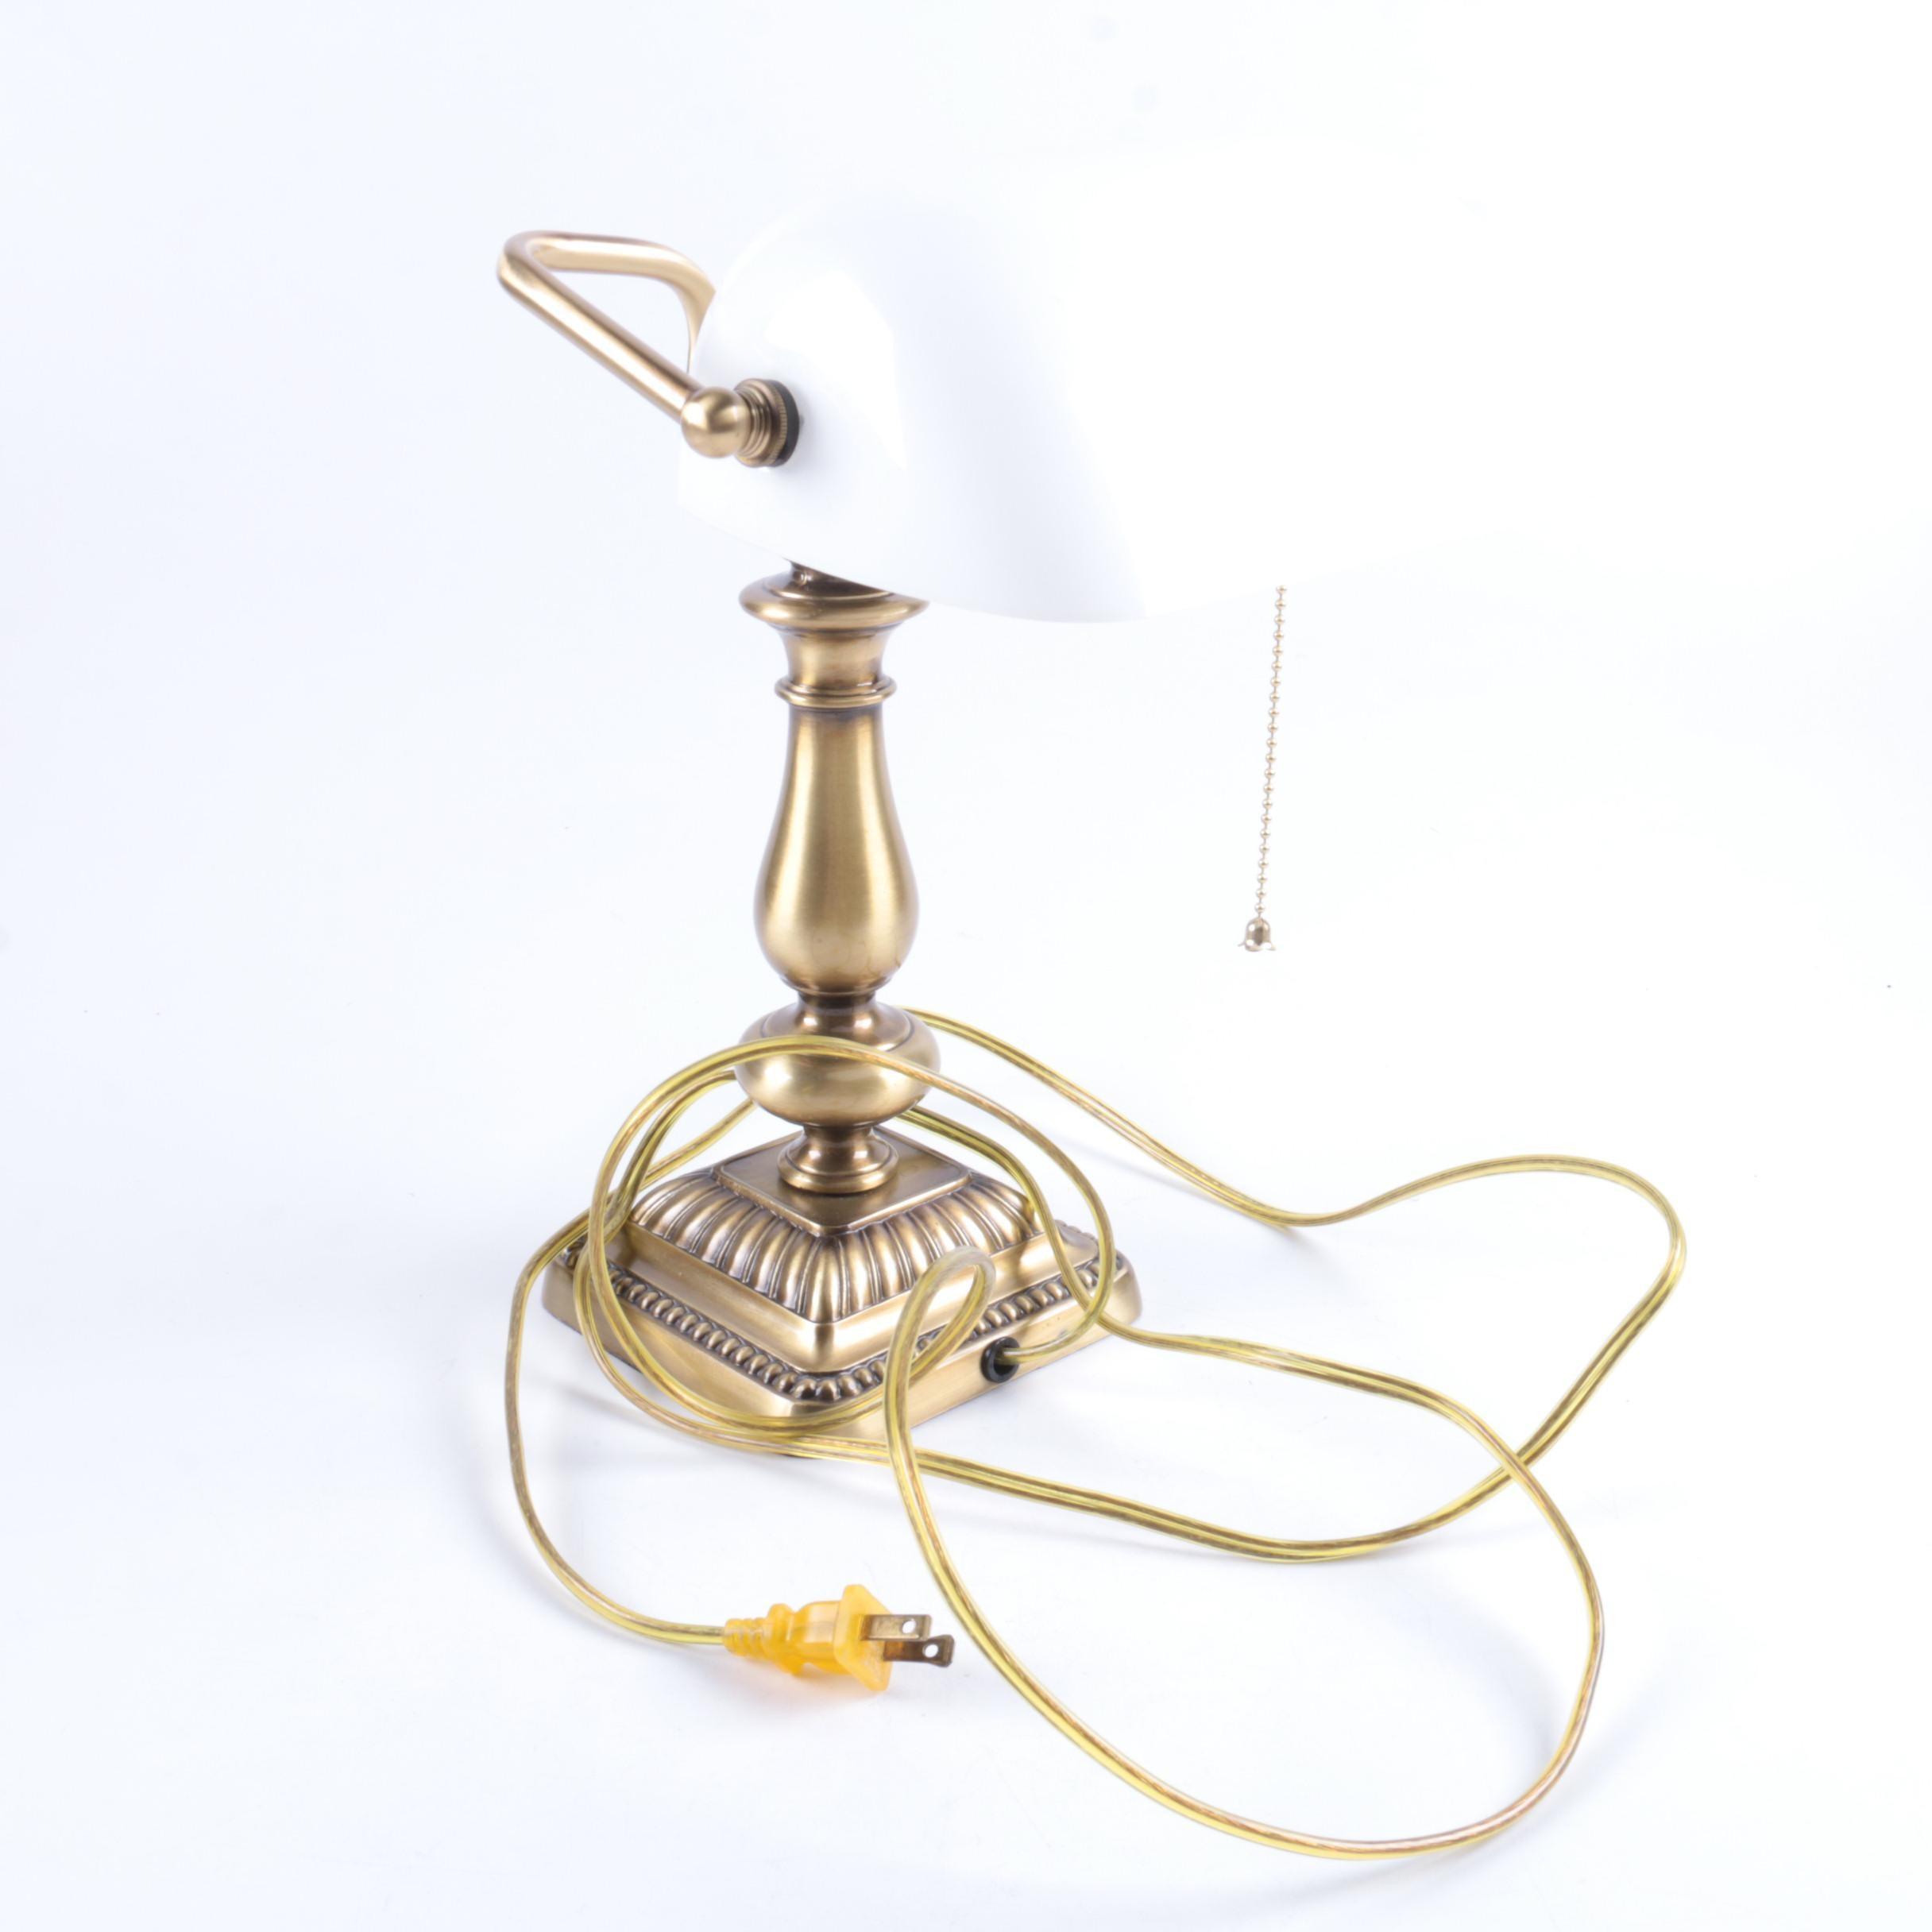 Brass Banker's Style Desk Lamp